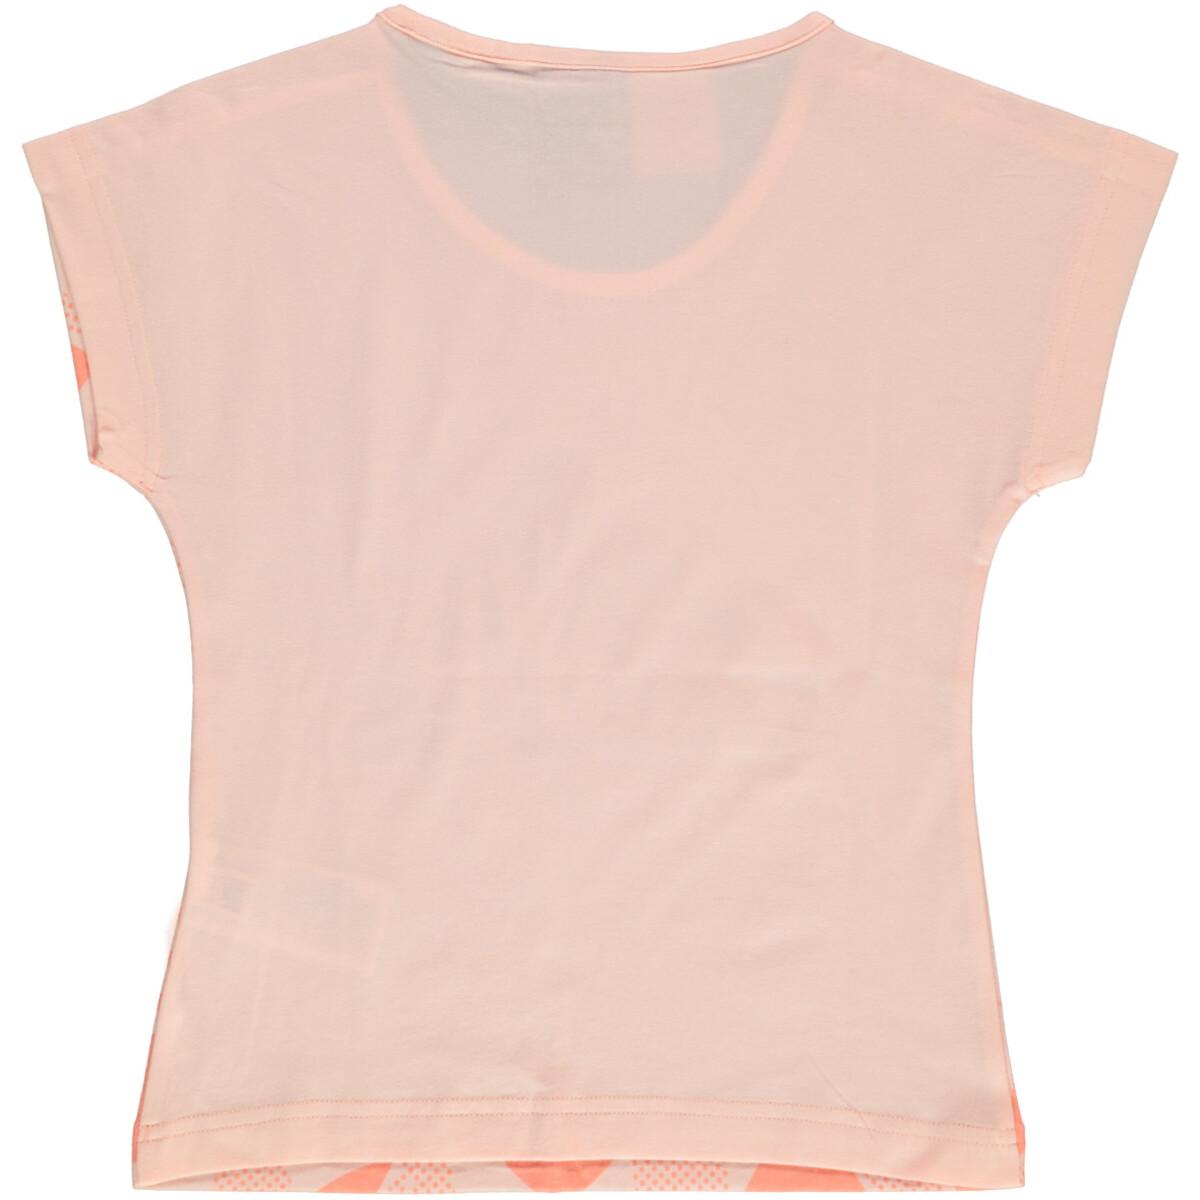 Bild 2 von Mädchen Sport Shirt mit Front Print